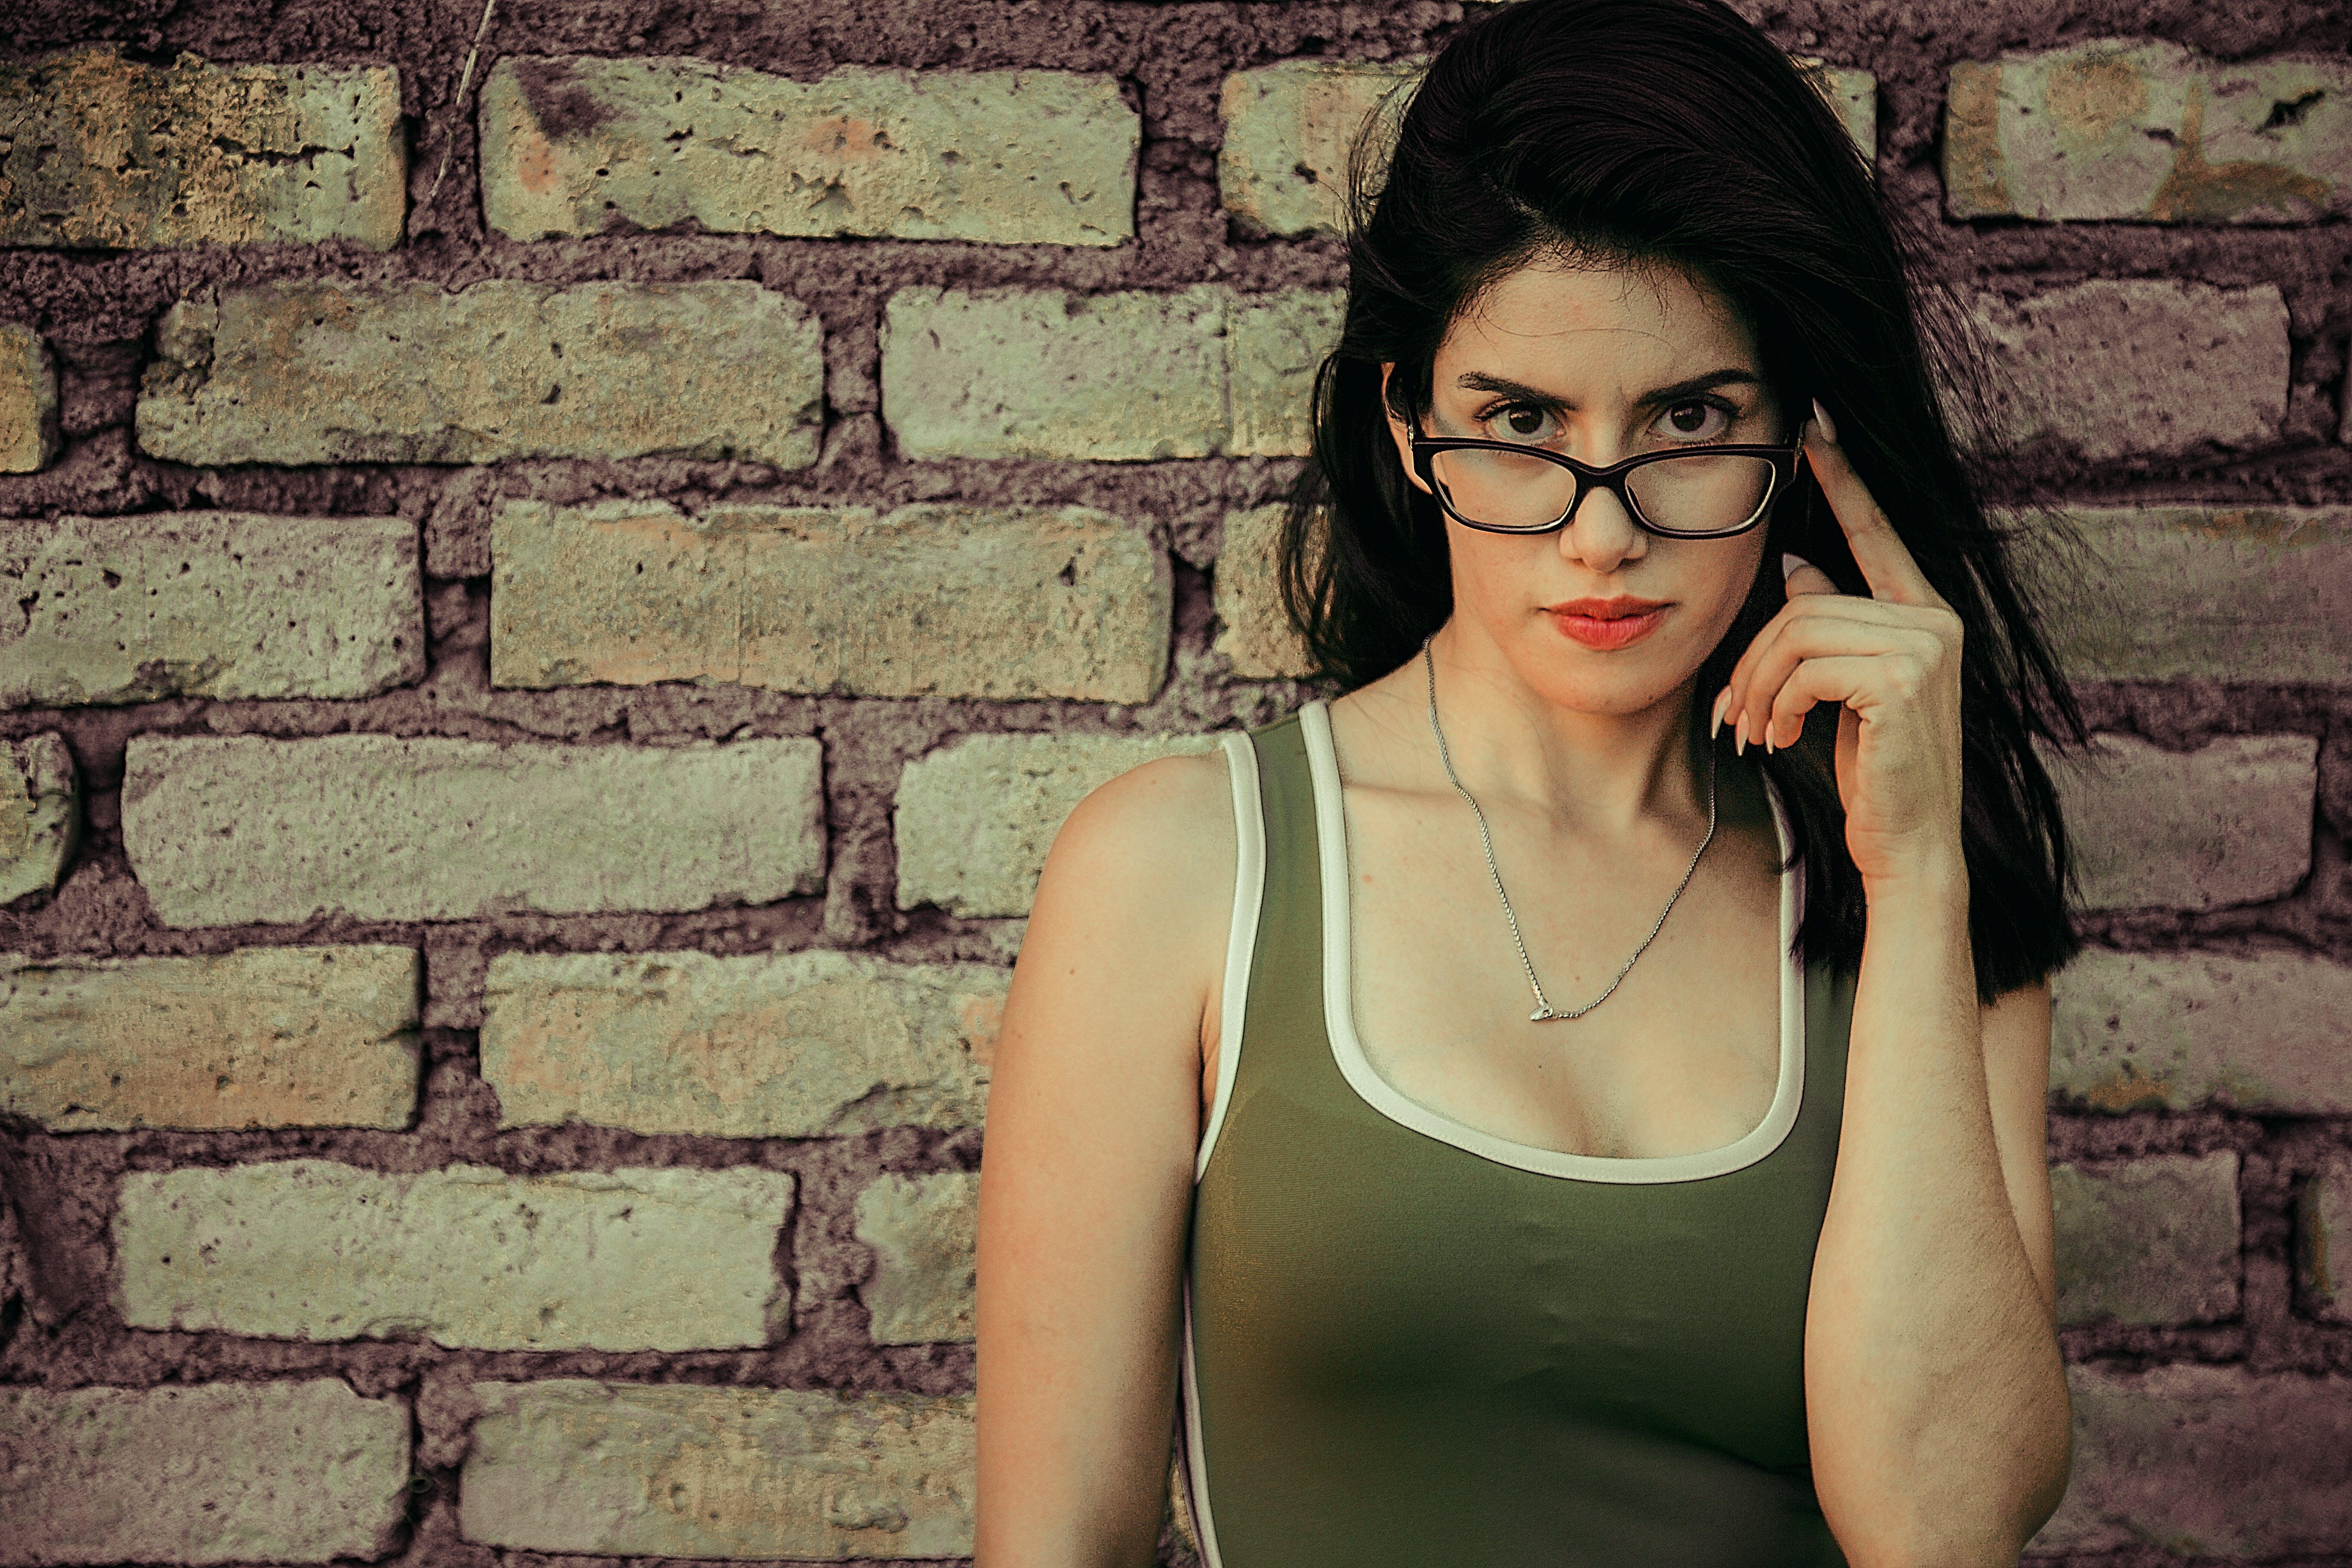 소녀, 예쁜, 큰 눈의 무료 스톡 사진